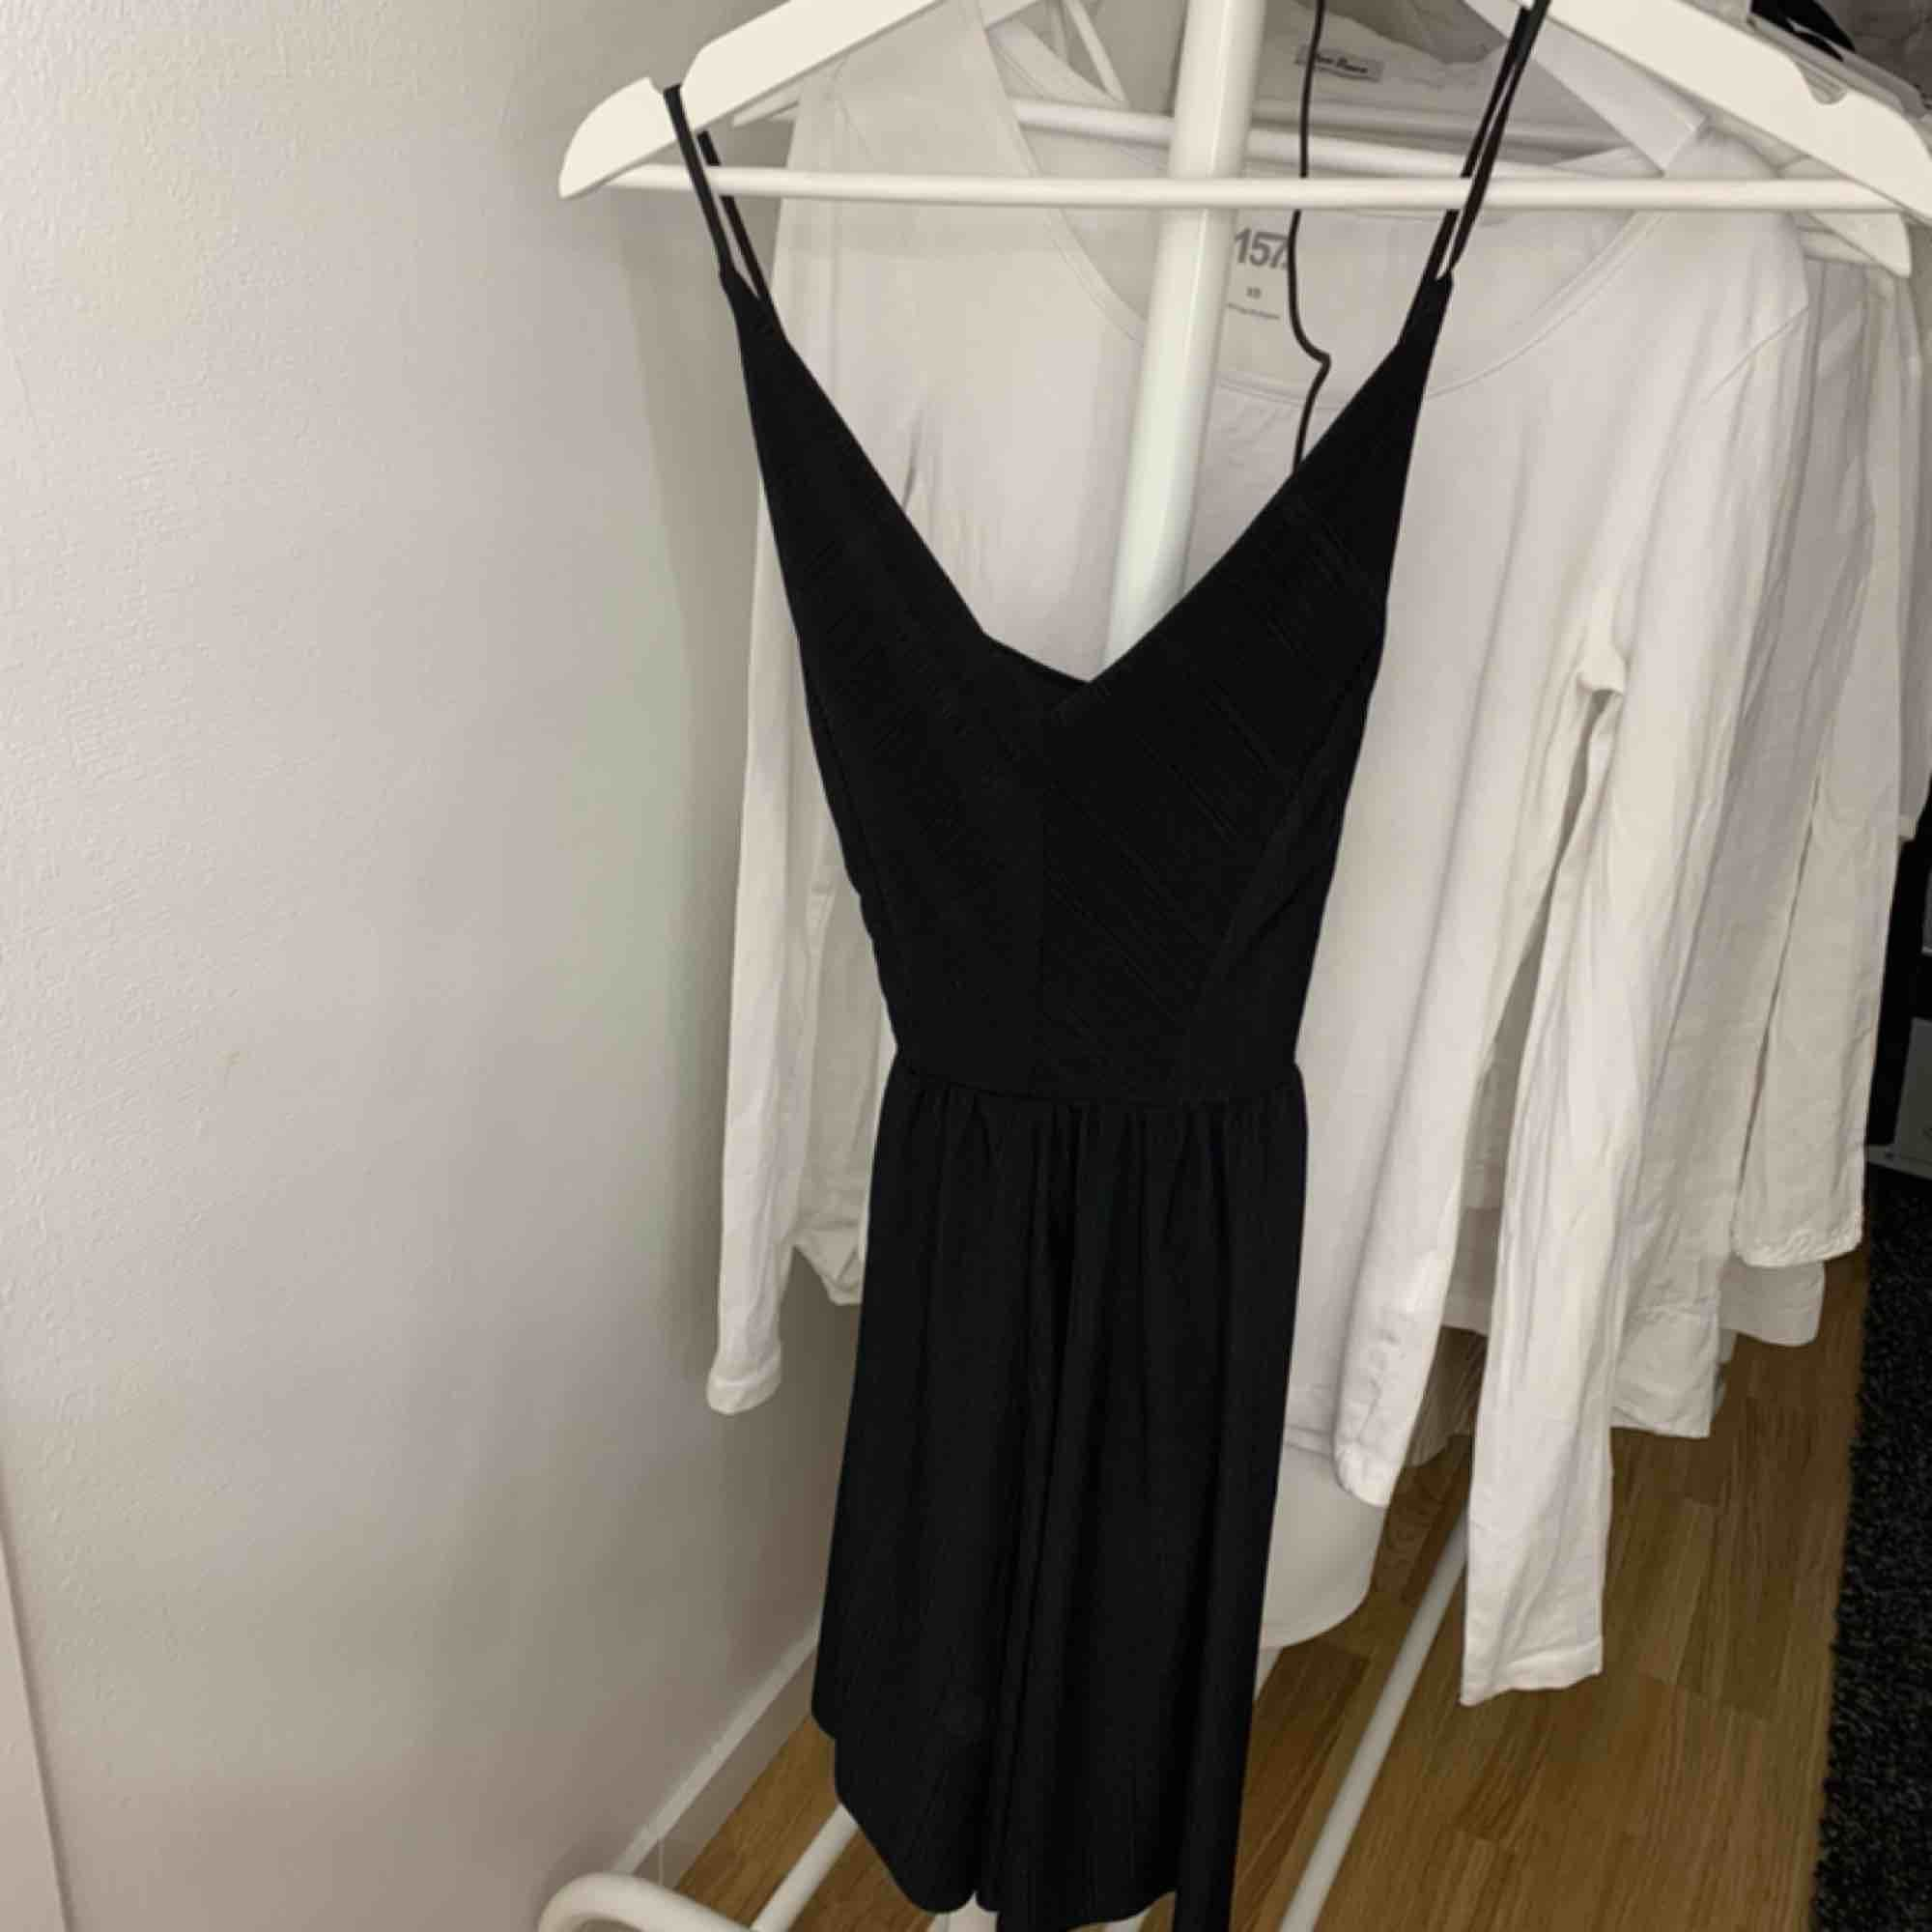 Säljer denna svarta jumpsuit med korsning i ryggen. Köpt på Zara. Säljs för 85 kr plus frakt🖤. Klänningar.